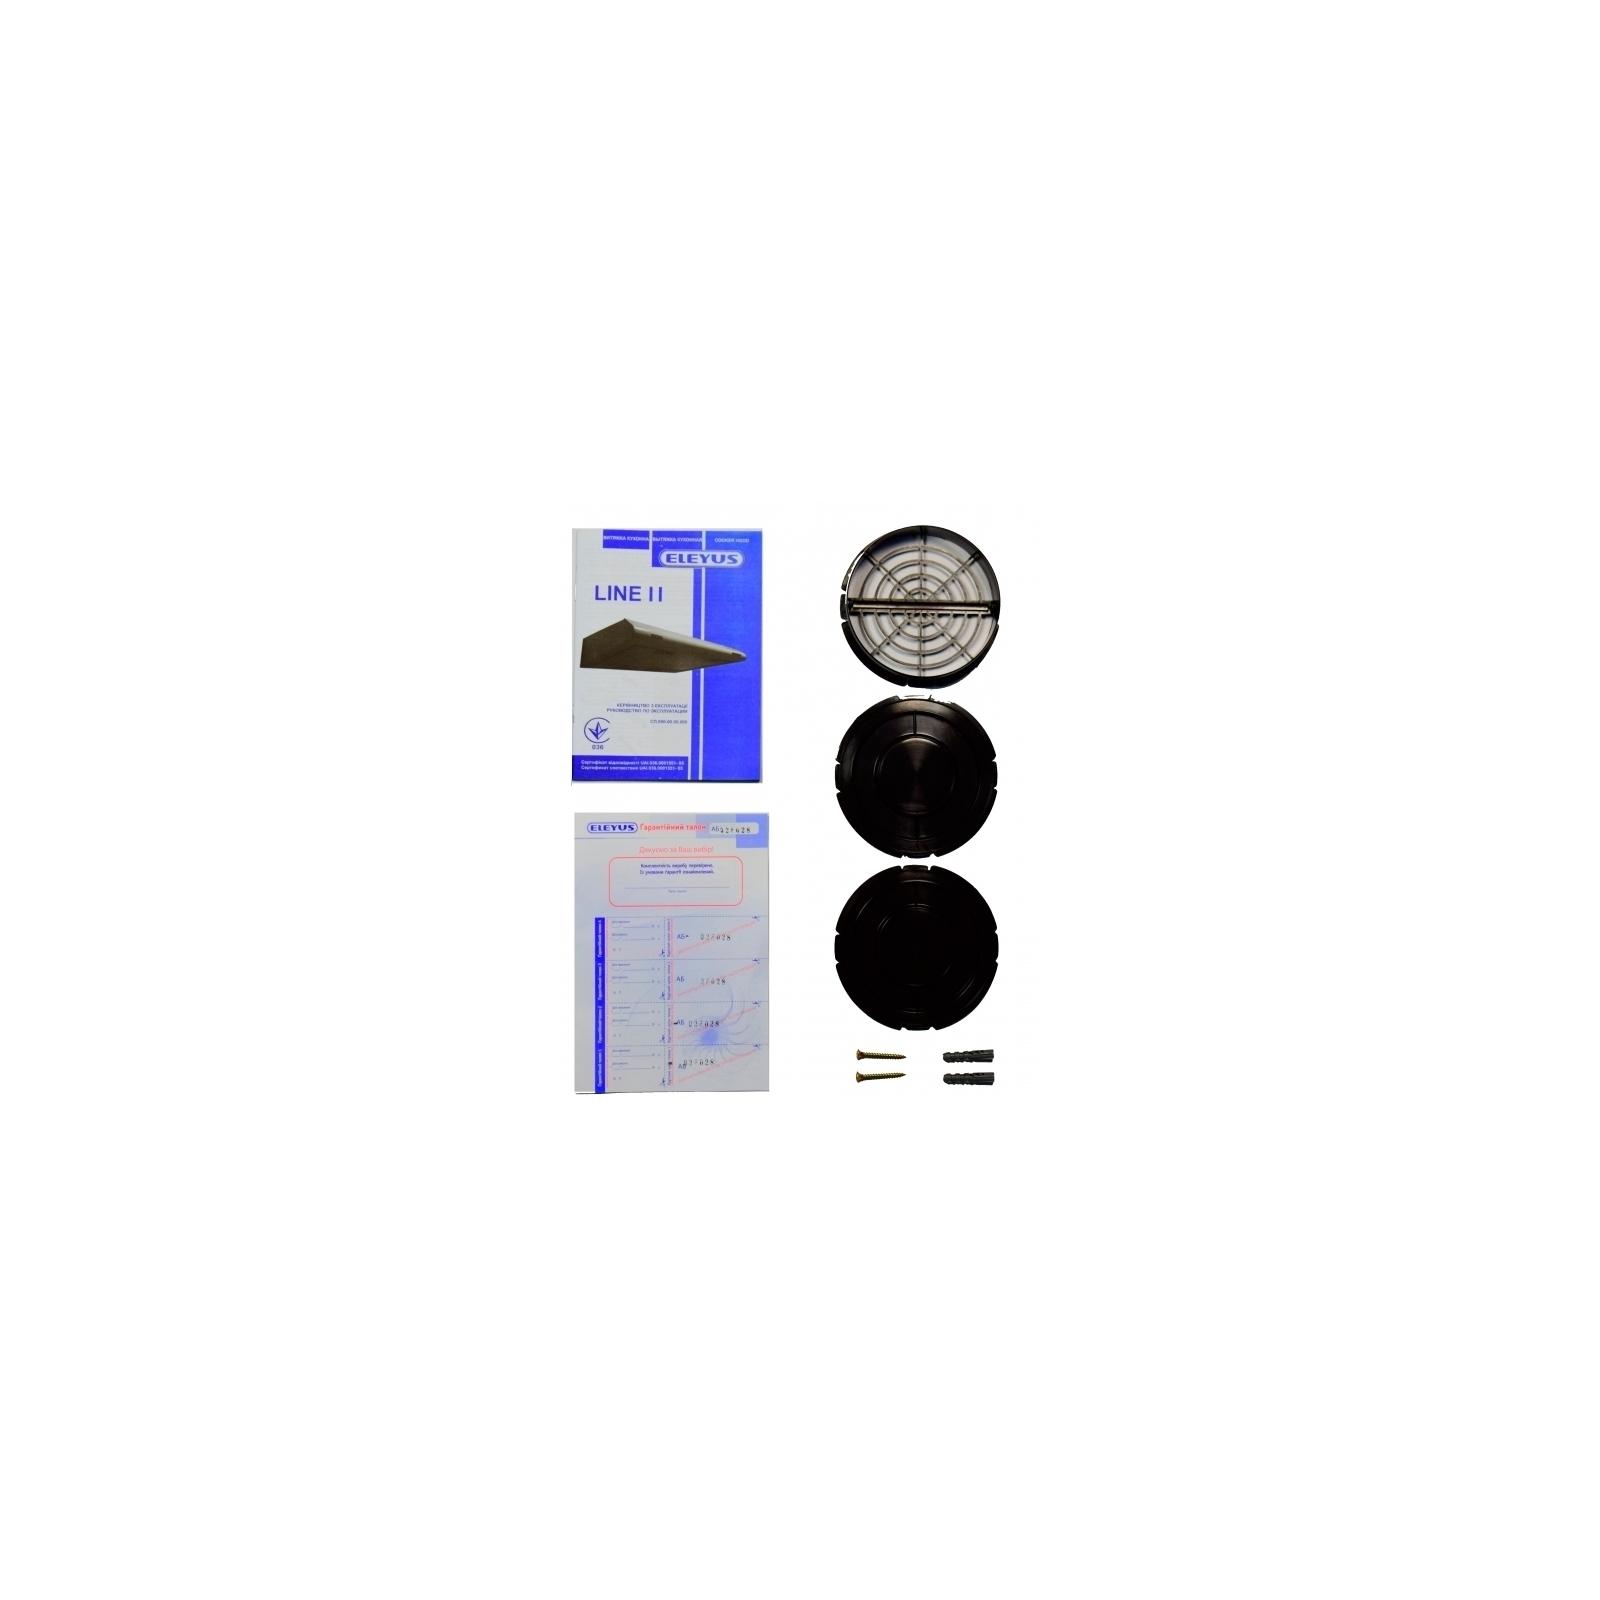 Вытяжка кухонная ELEYUS Line II 60 WH изображение 9